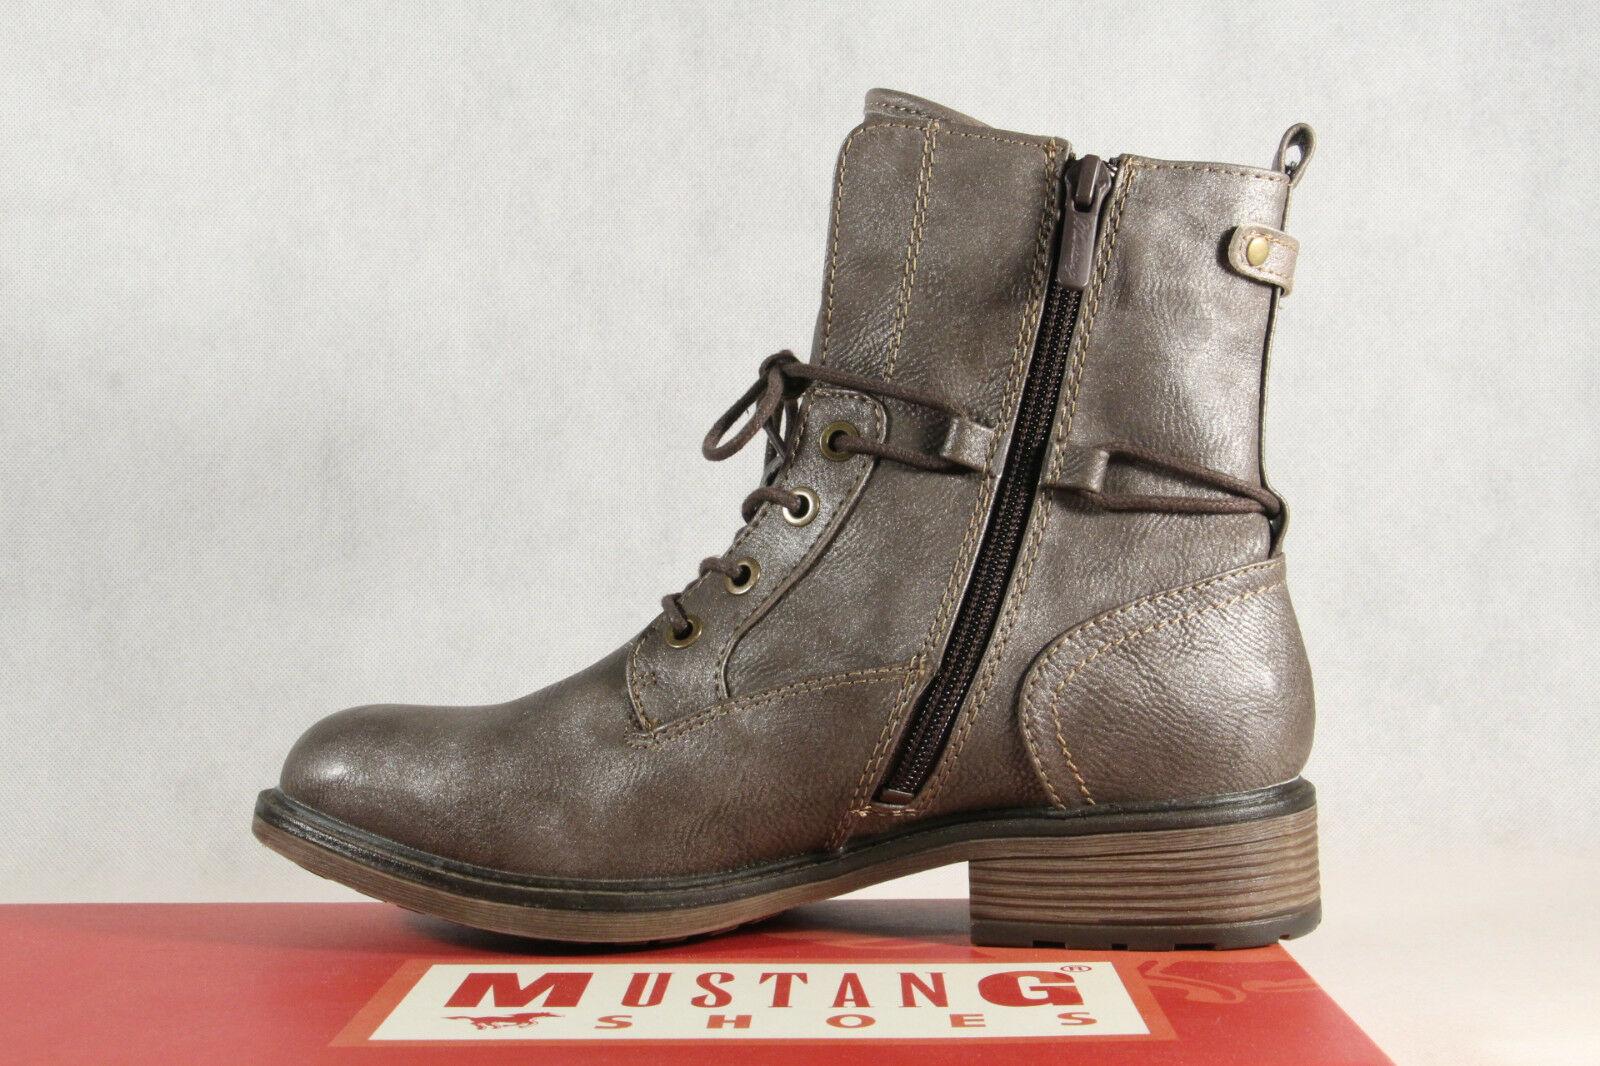 Metallic Mustang Schnürstiefel Stiefel Neu Stiefeletten 1264 Braun Boots WxeCdorB